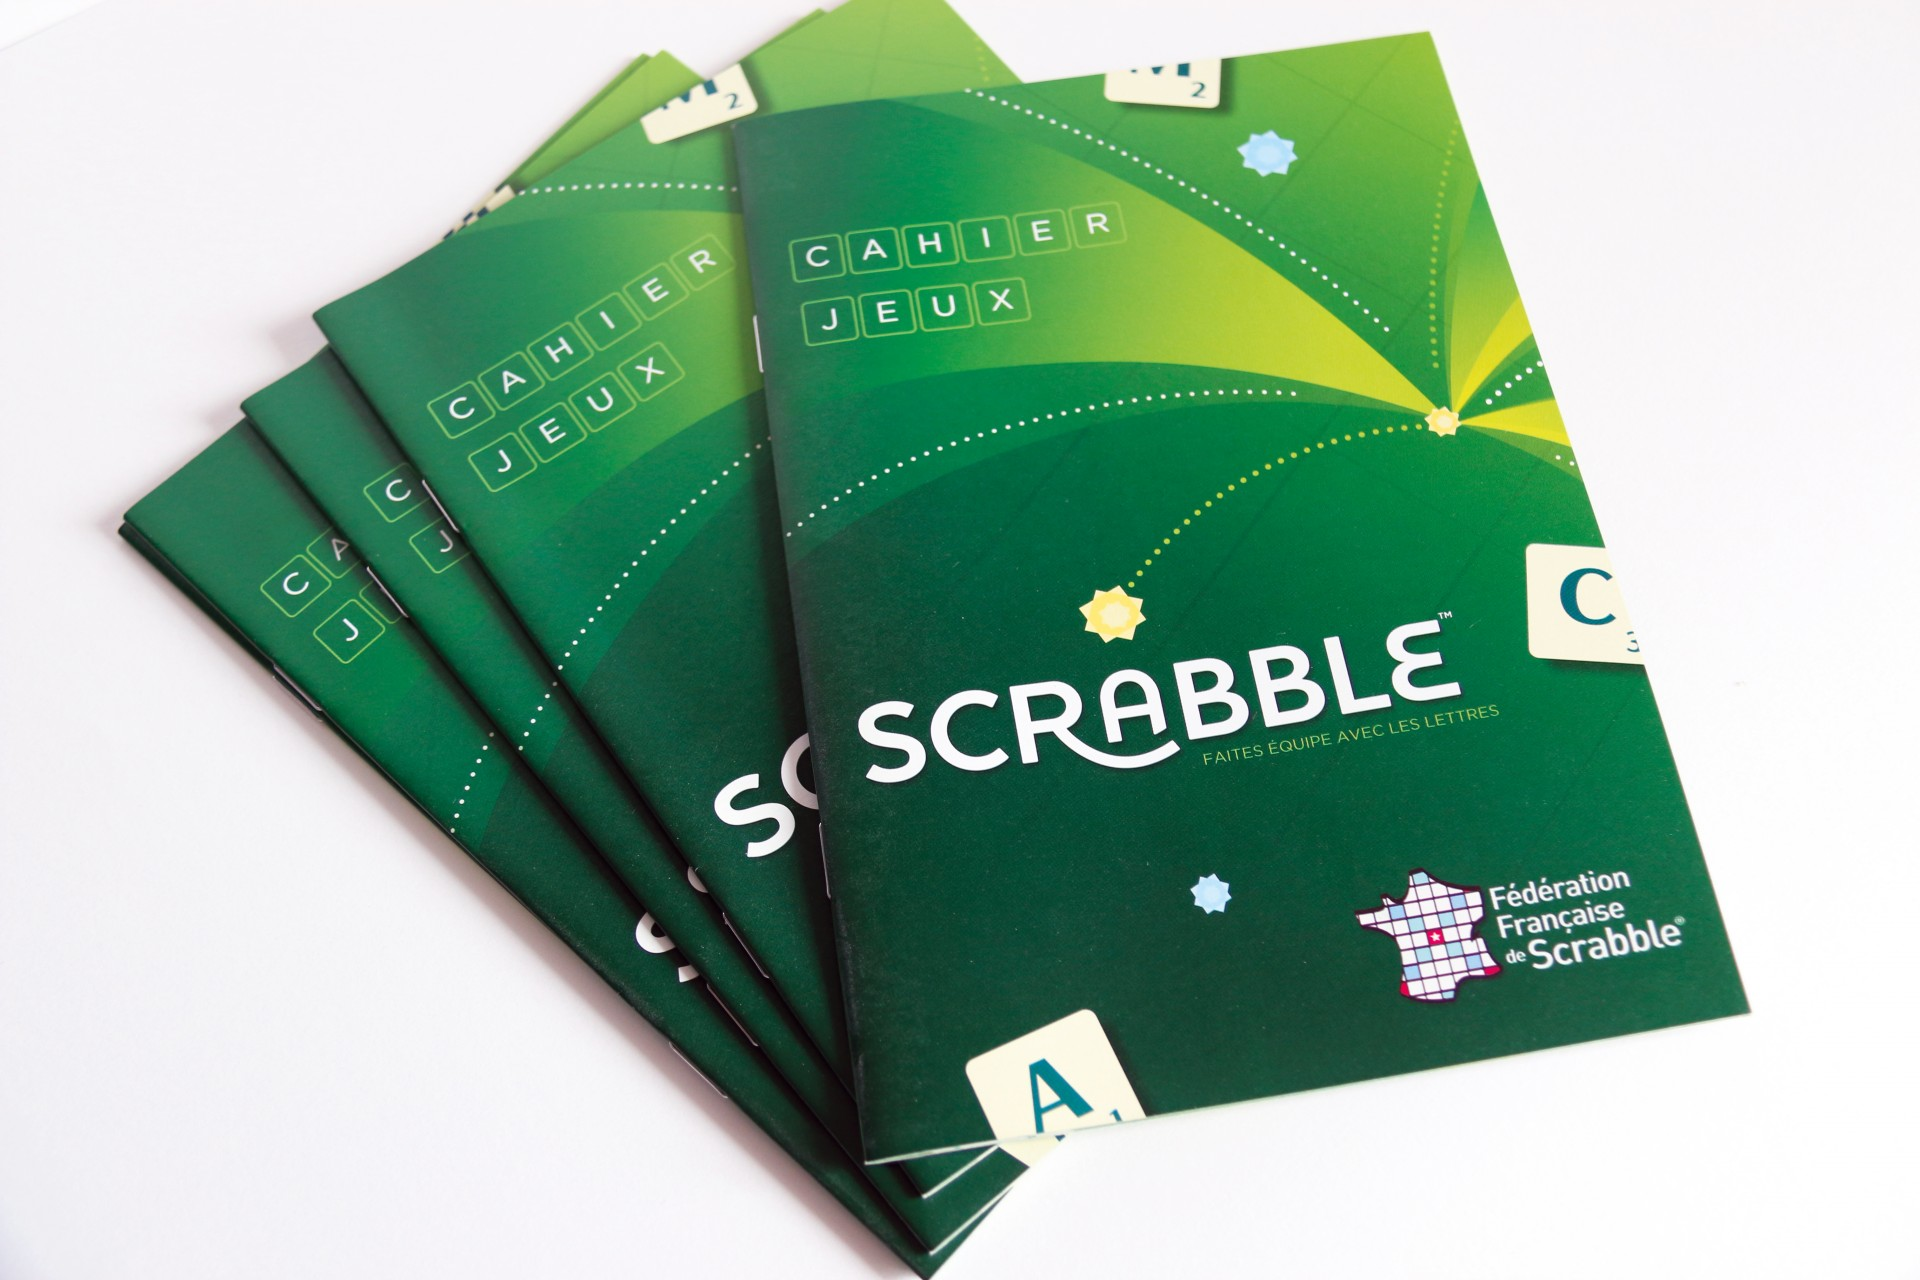 cahier_jeux Scrabble